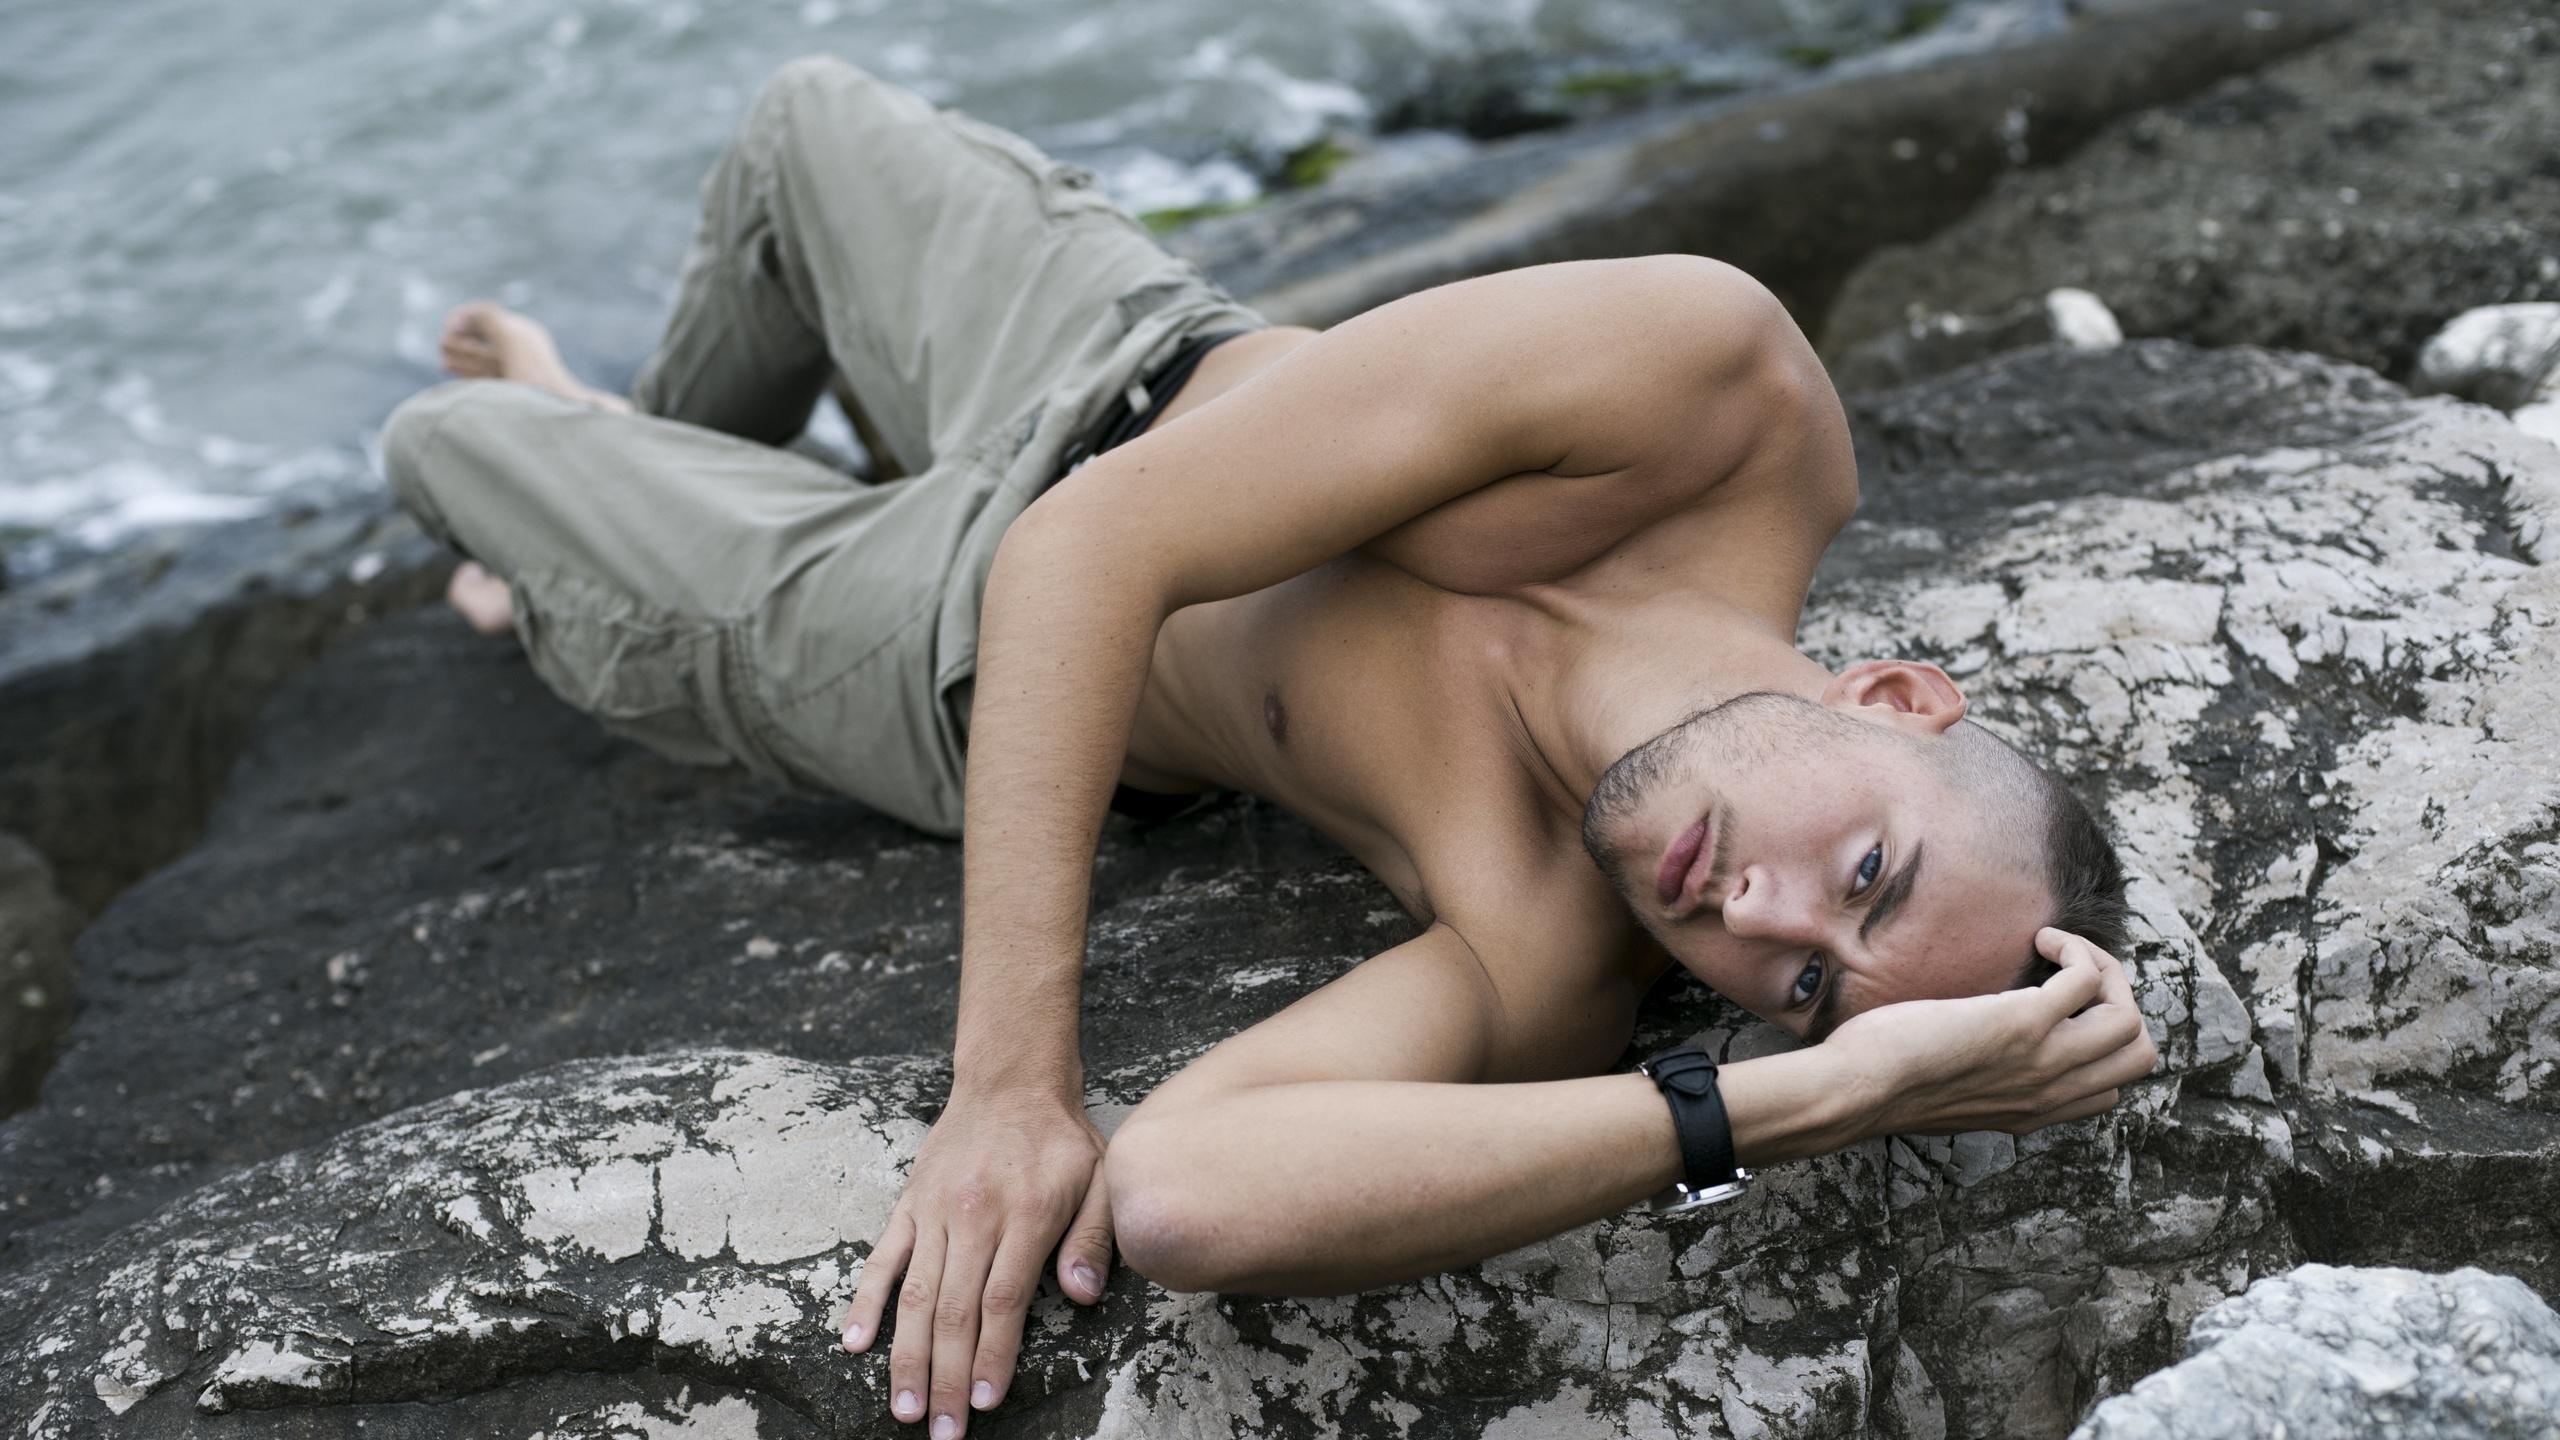 Парень фотографирует голую подружку у скалы  234494